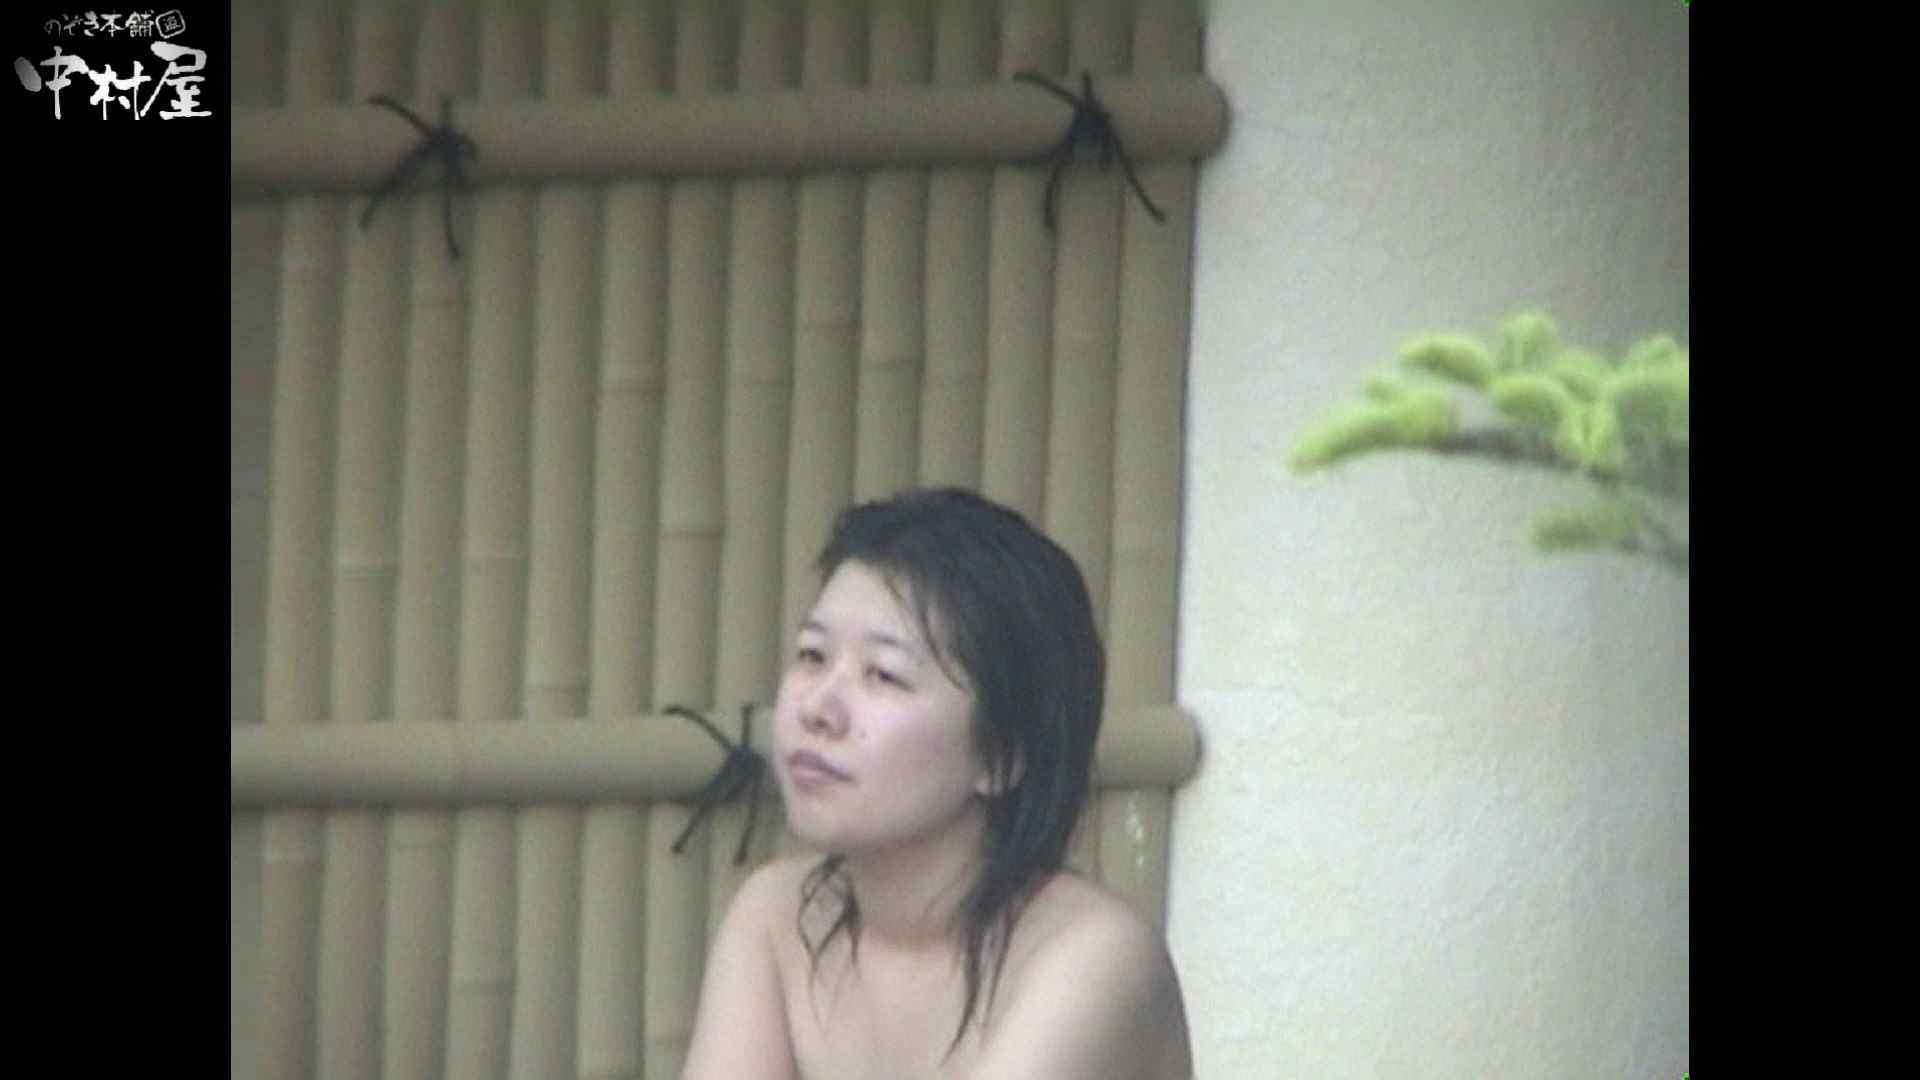 Aquaな露天風呂Vol.937 OLハメ撮り  74Pix 30